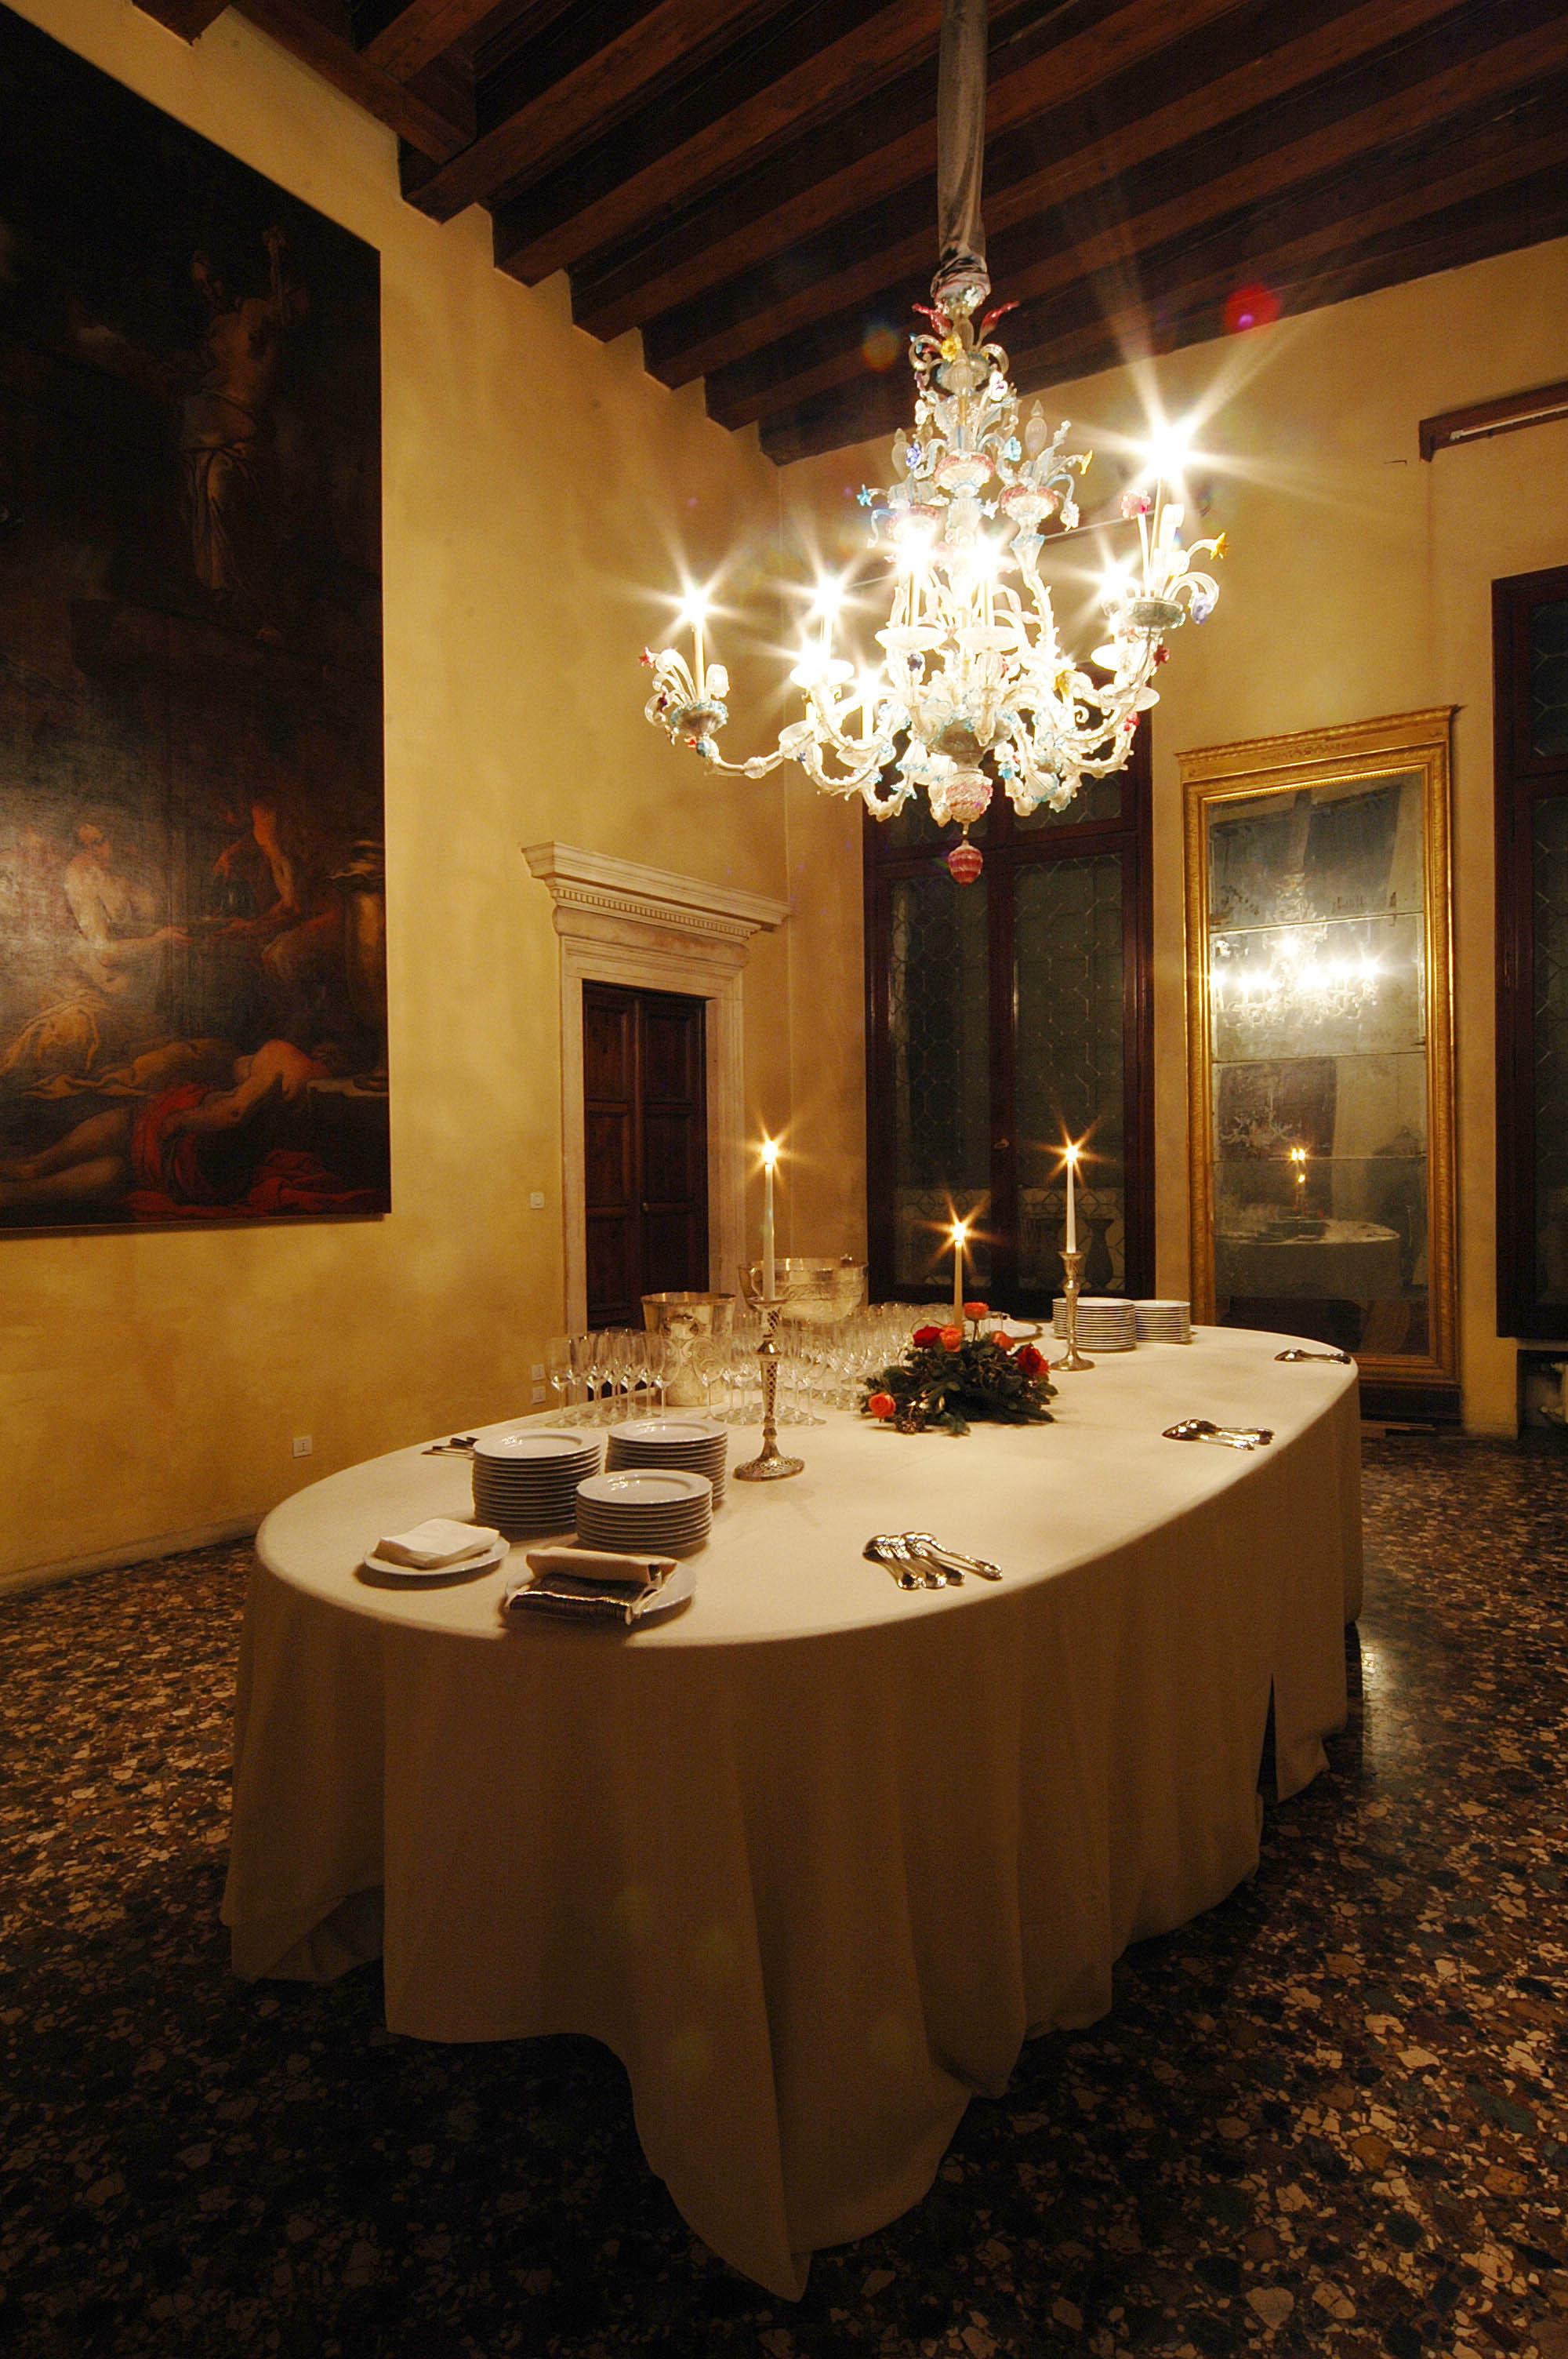 Forum Arredamento.it •Soffitto basso 2,80m fissare lampadario di murano alto 90cm